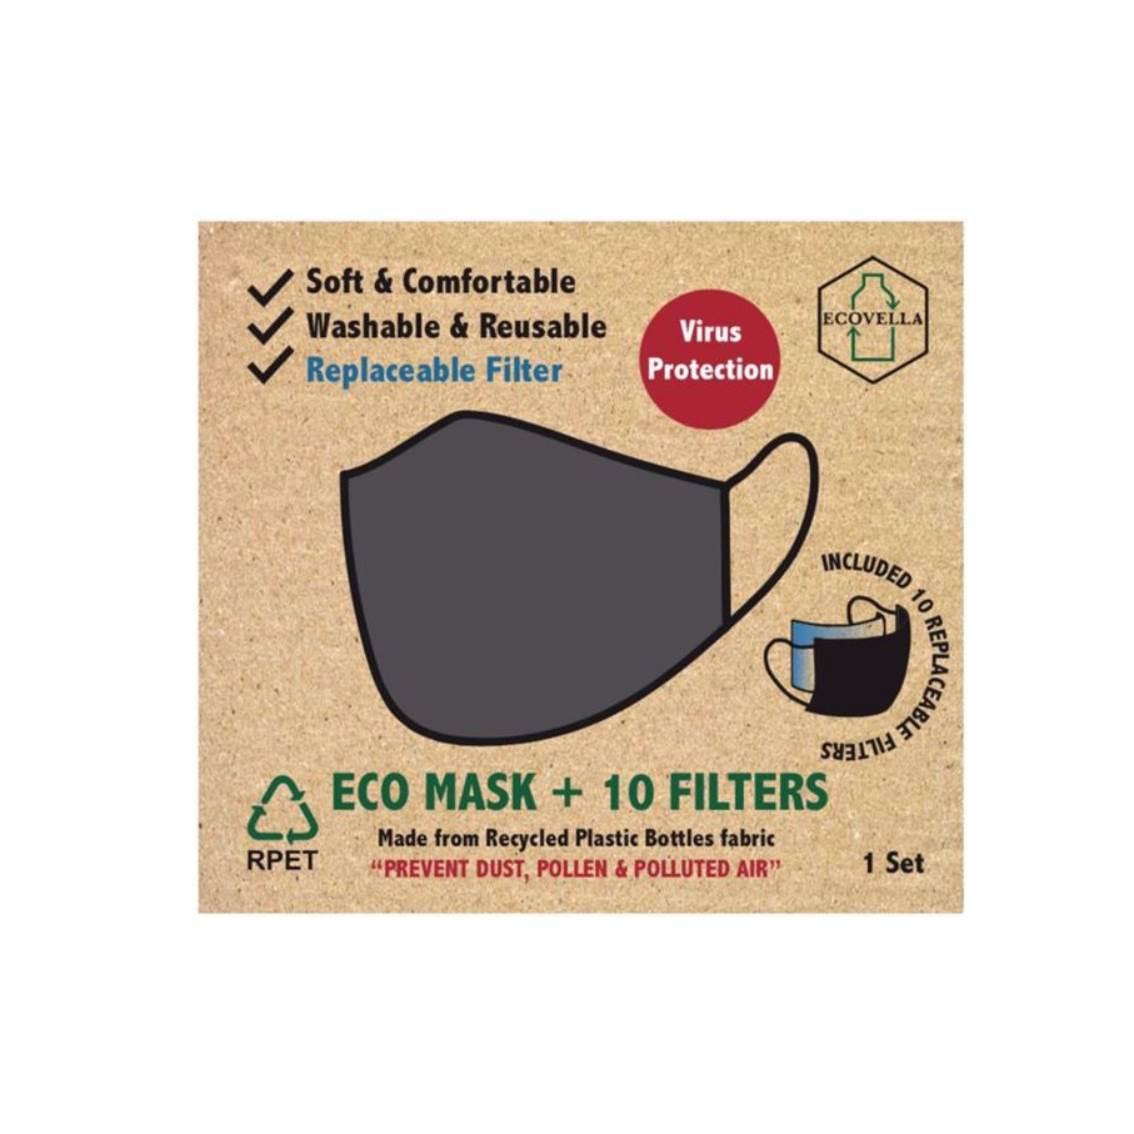 環保口罩大碼灰色1口罩套+濾芯10片